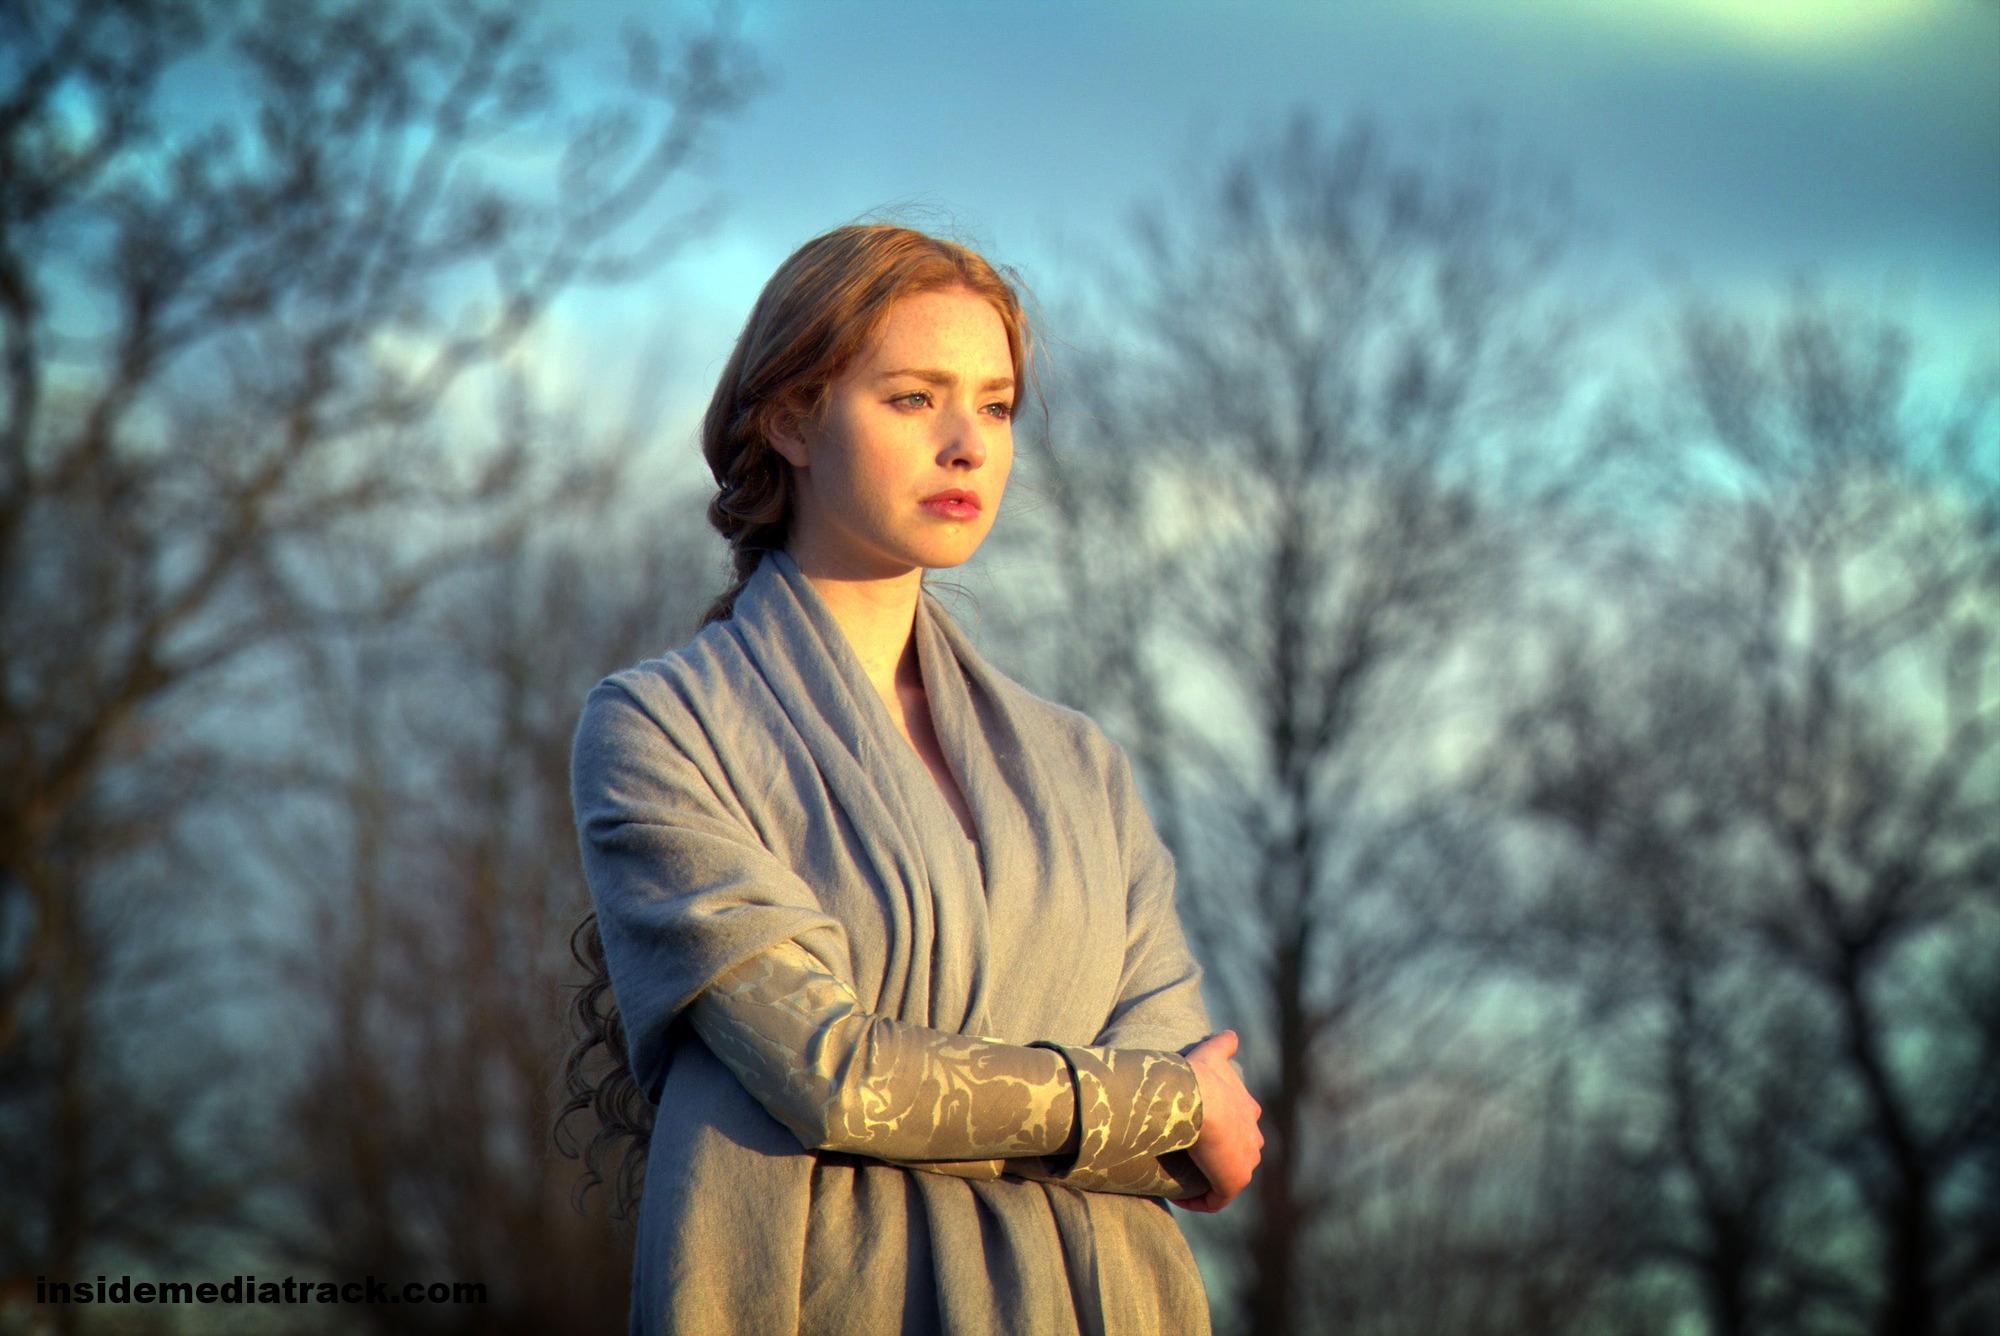 The White Queen Stills - Elizabeth of York - Historical Drama Photo